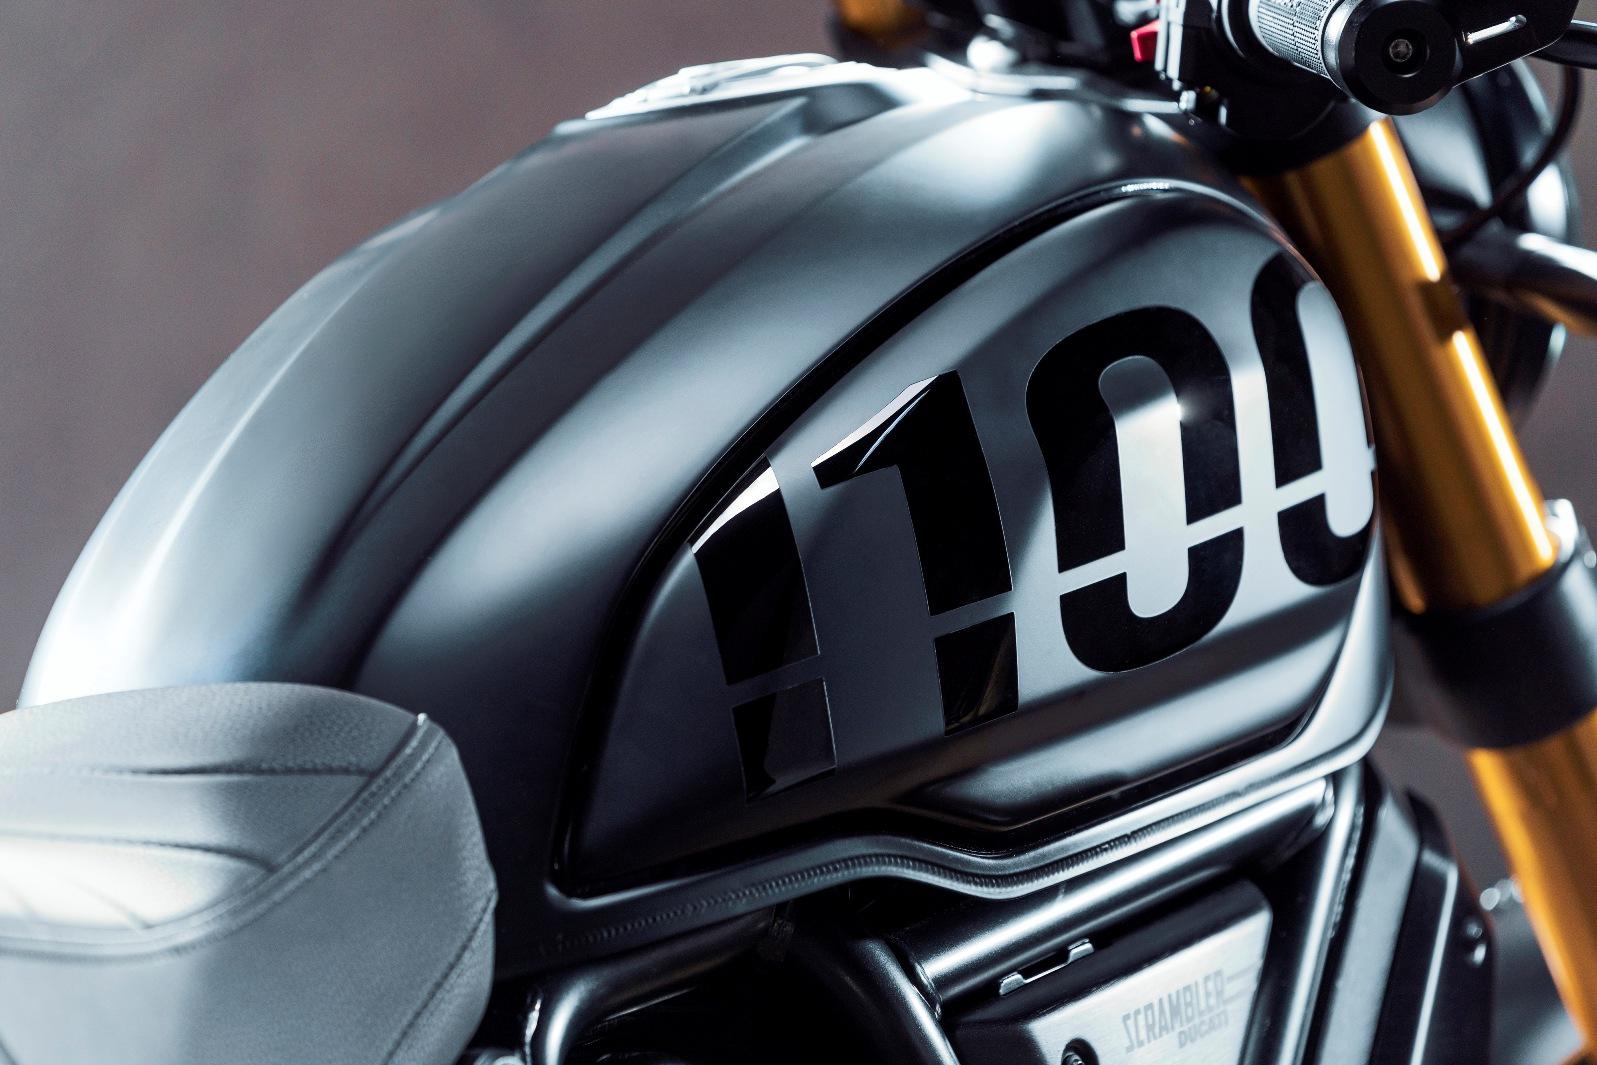 Ducati Scrambler 1100 Pro Y Scrambler 1100 Sport Pro (8)